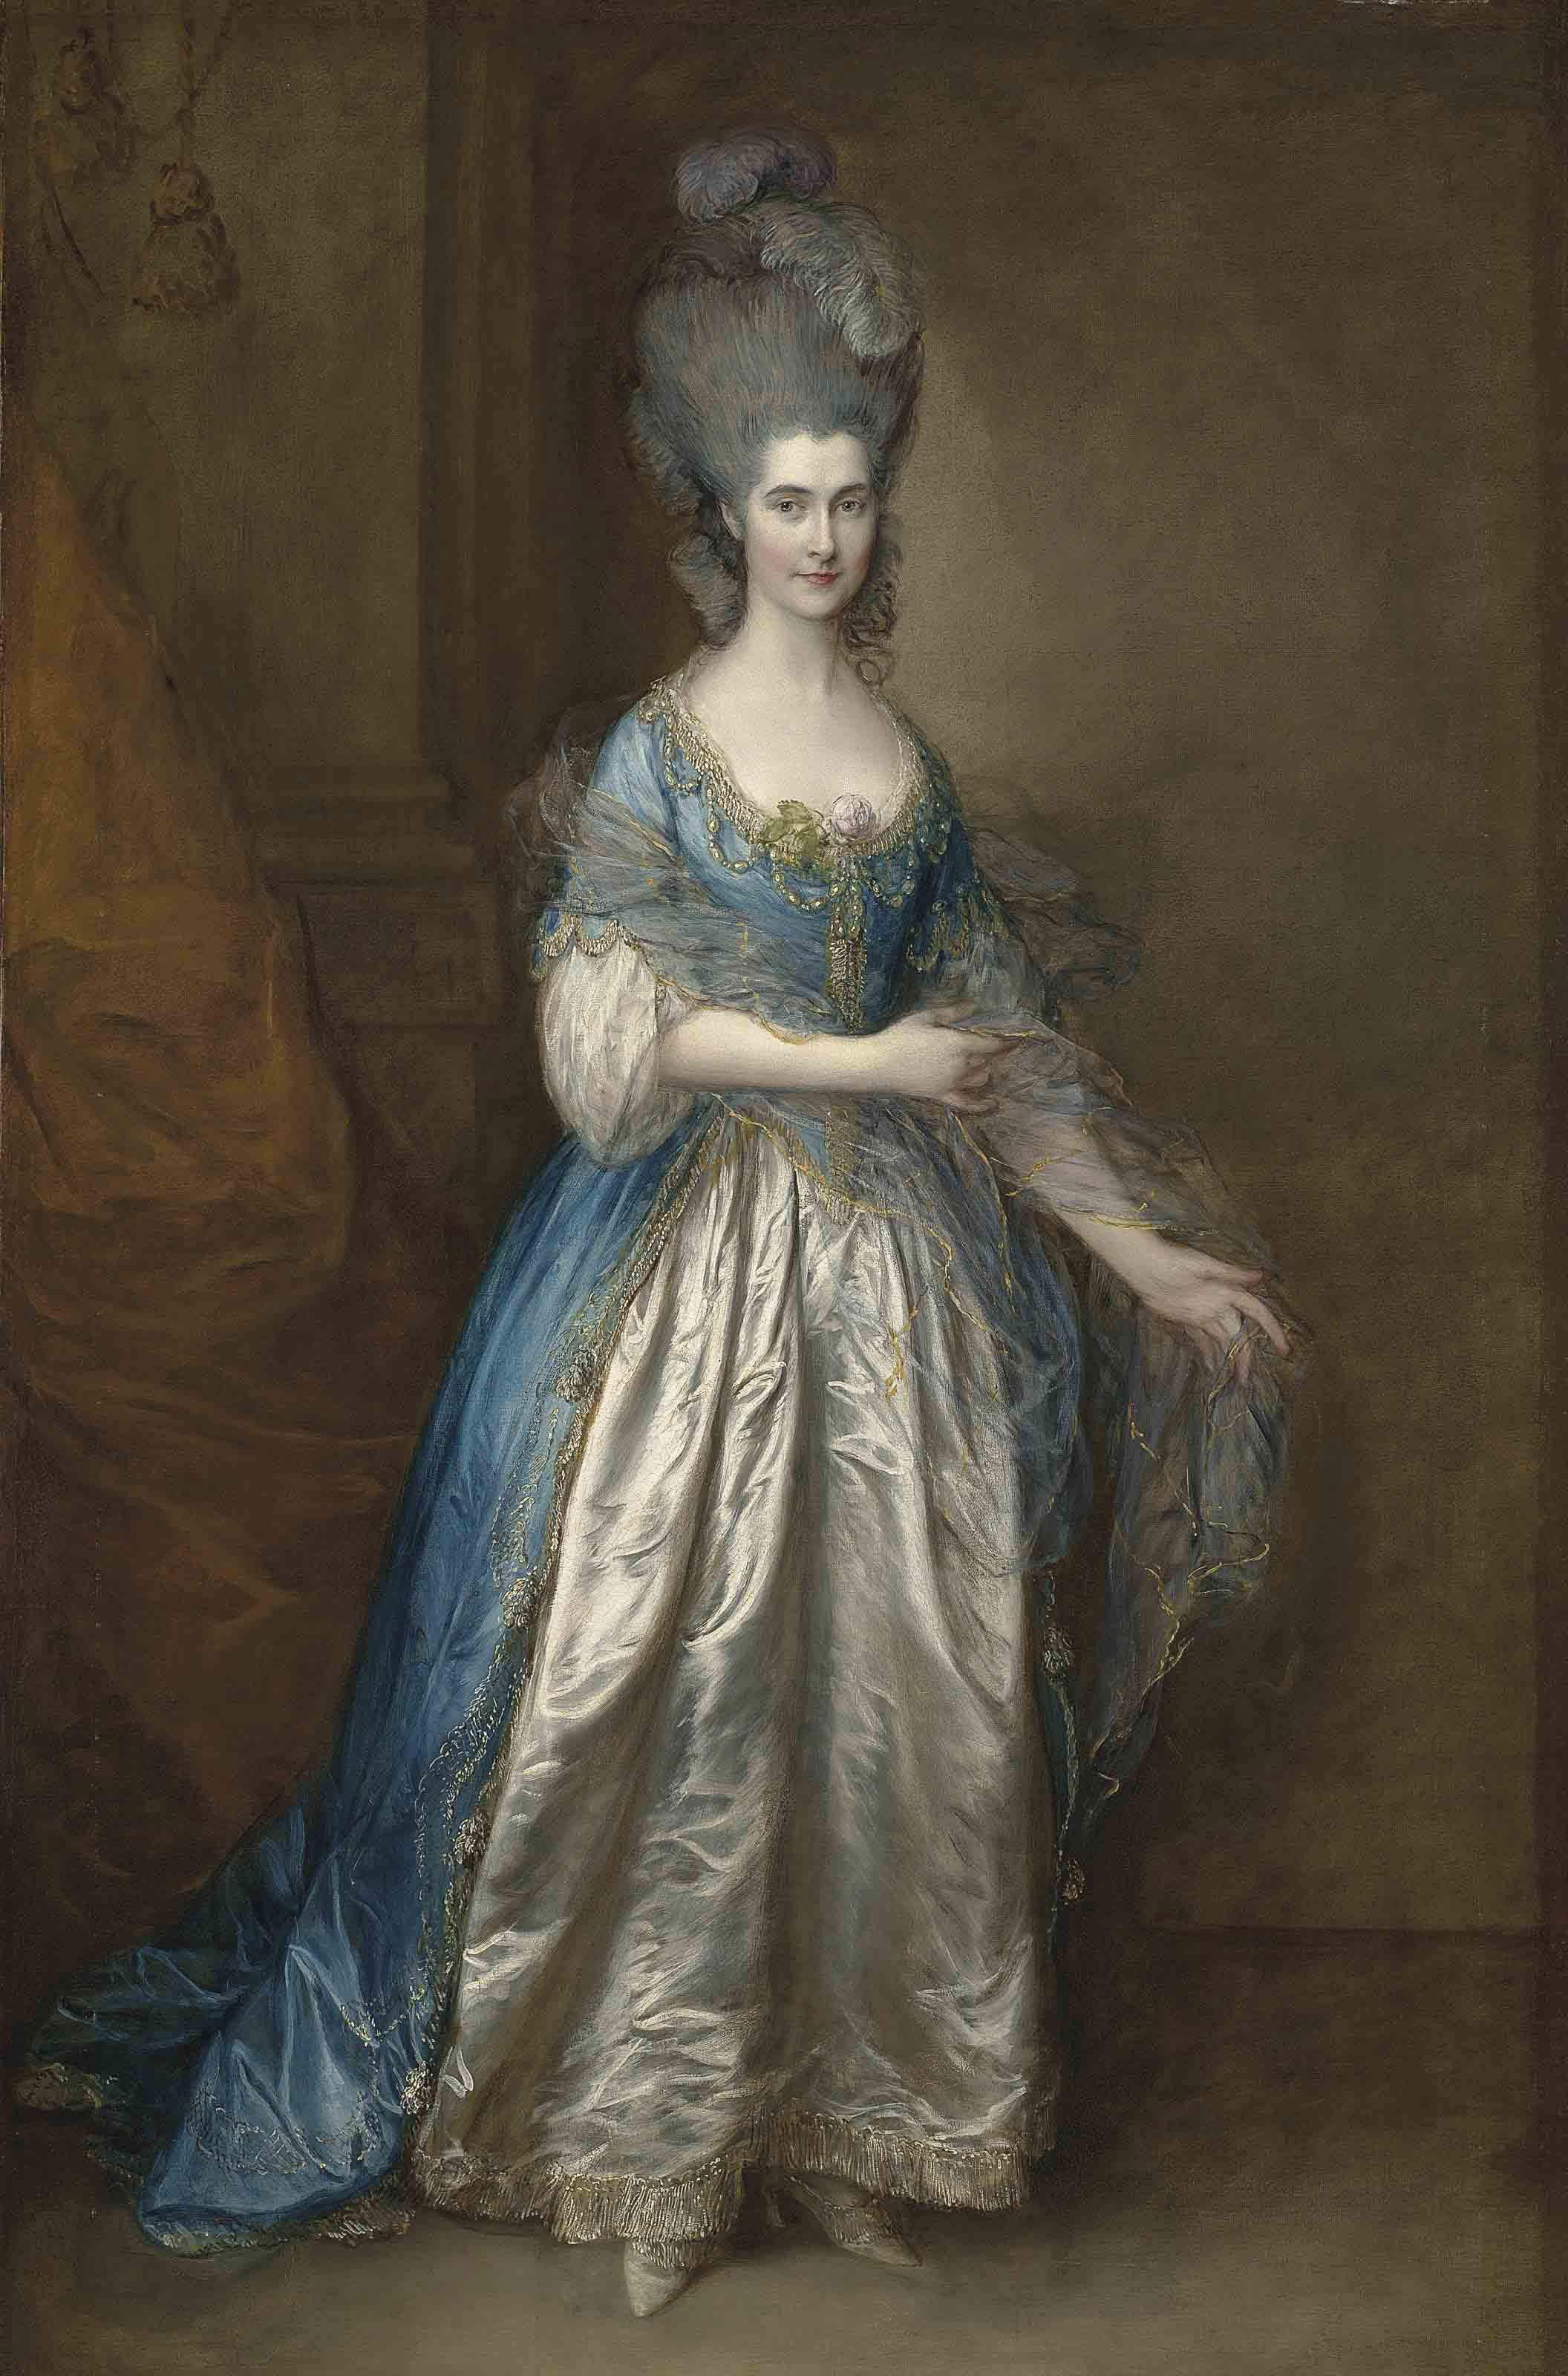 Audio: Thomas Gainsborough's Portrait of Mrs. William Villebois